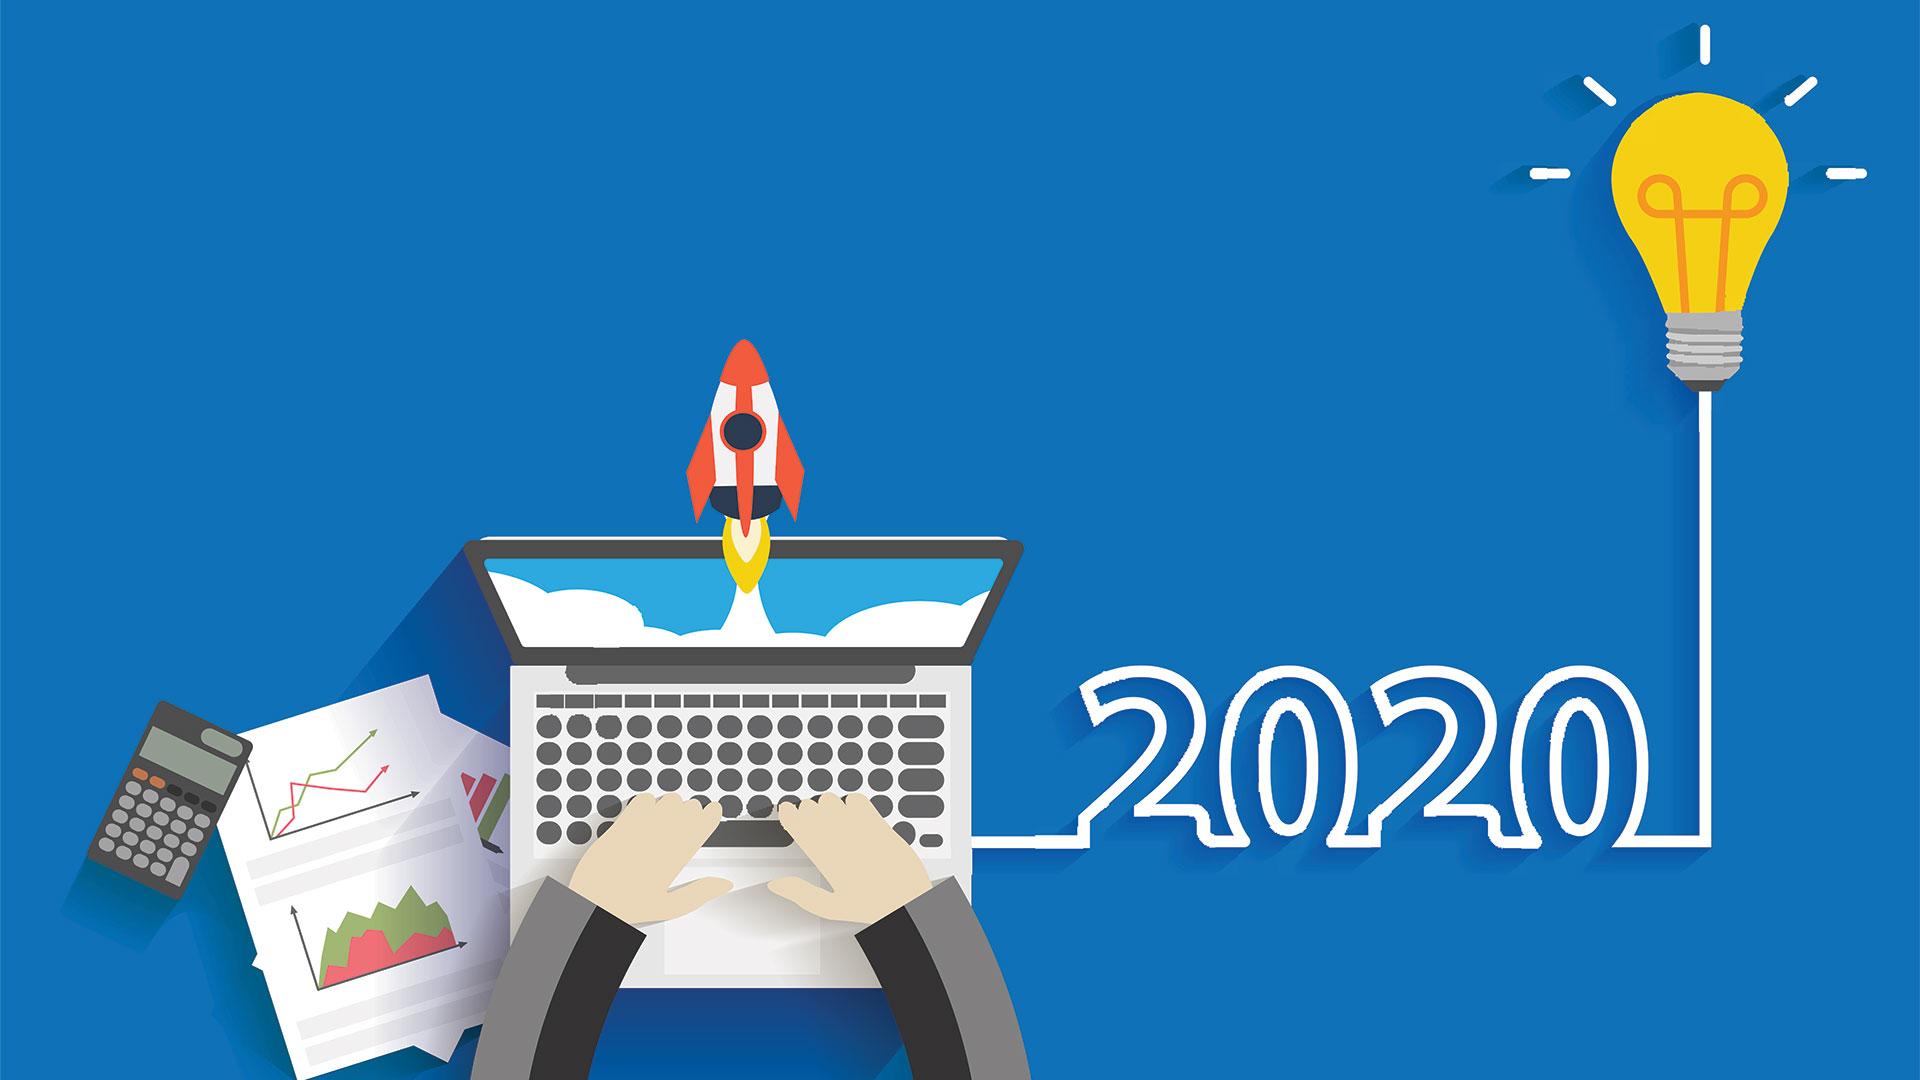 a megbízható keresettípusok értékelése az Internet 2020-on